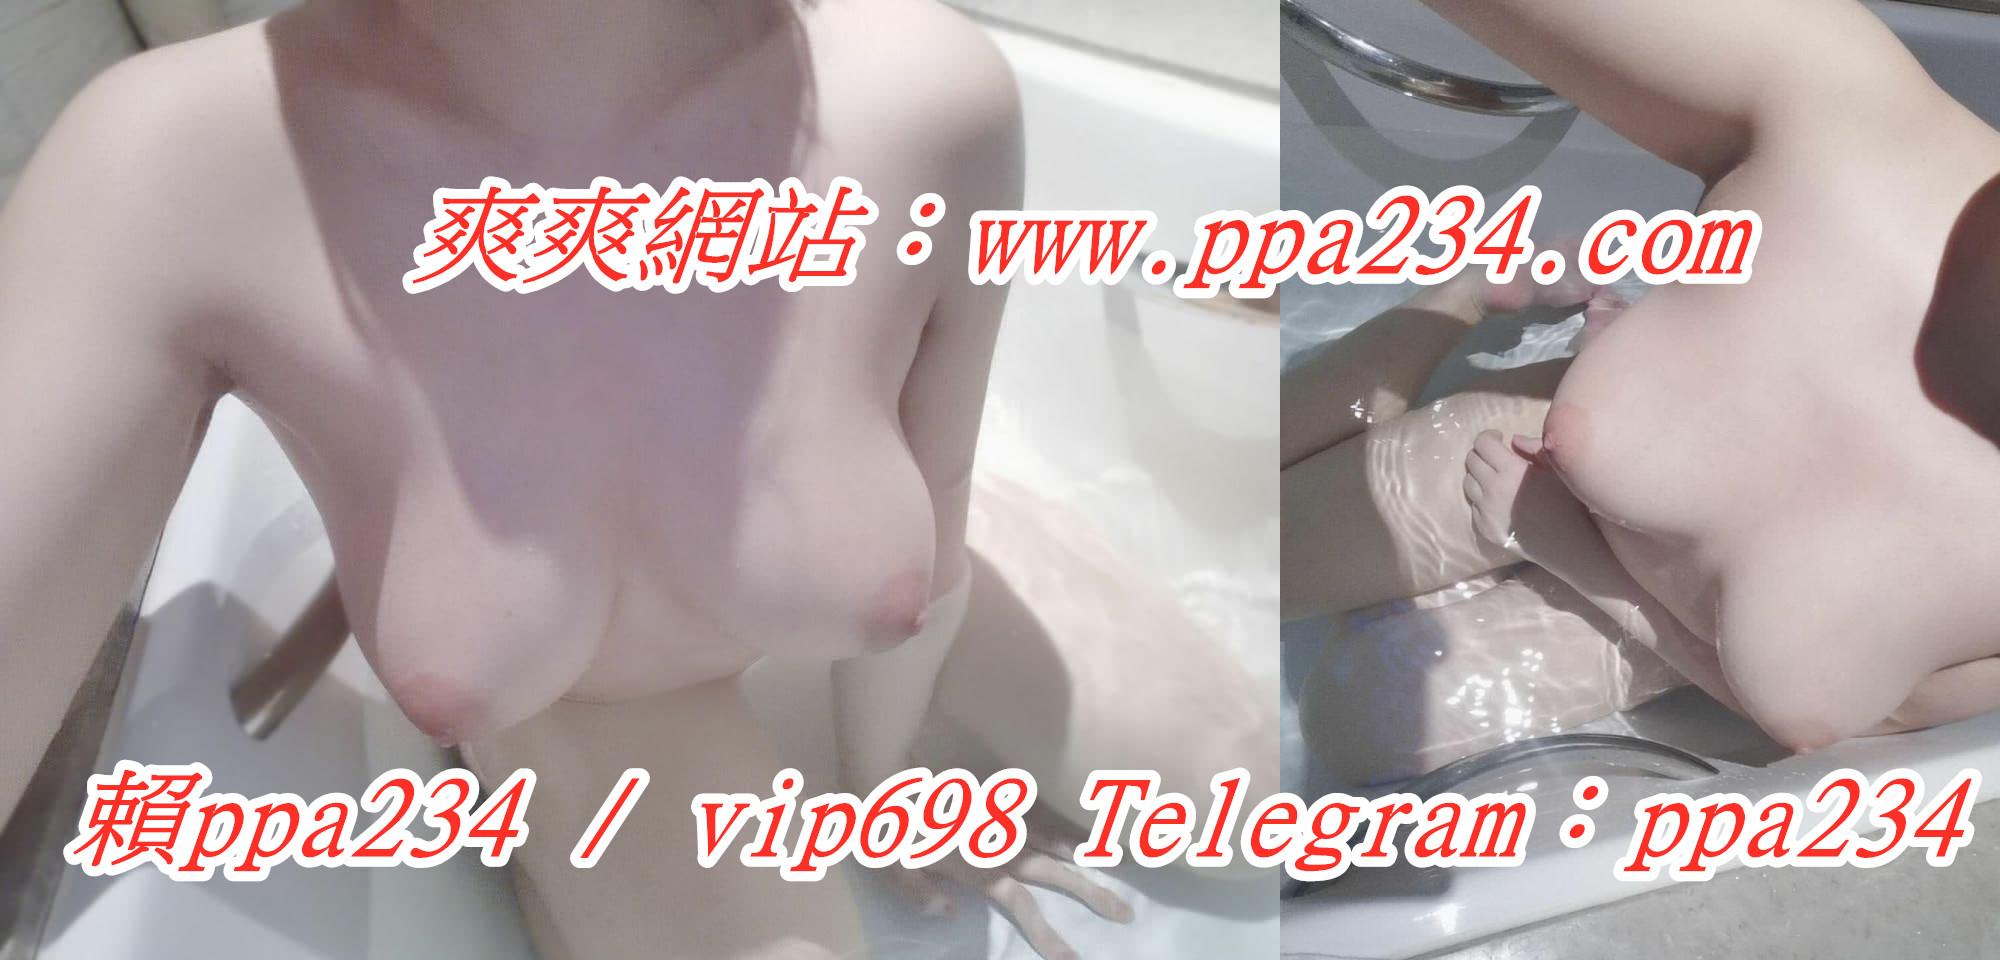 全台灣最貼心爽爽茶坊賴:vip698 / ppa234 網站www.ppa234.com